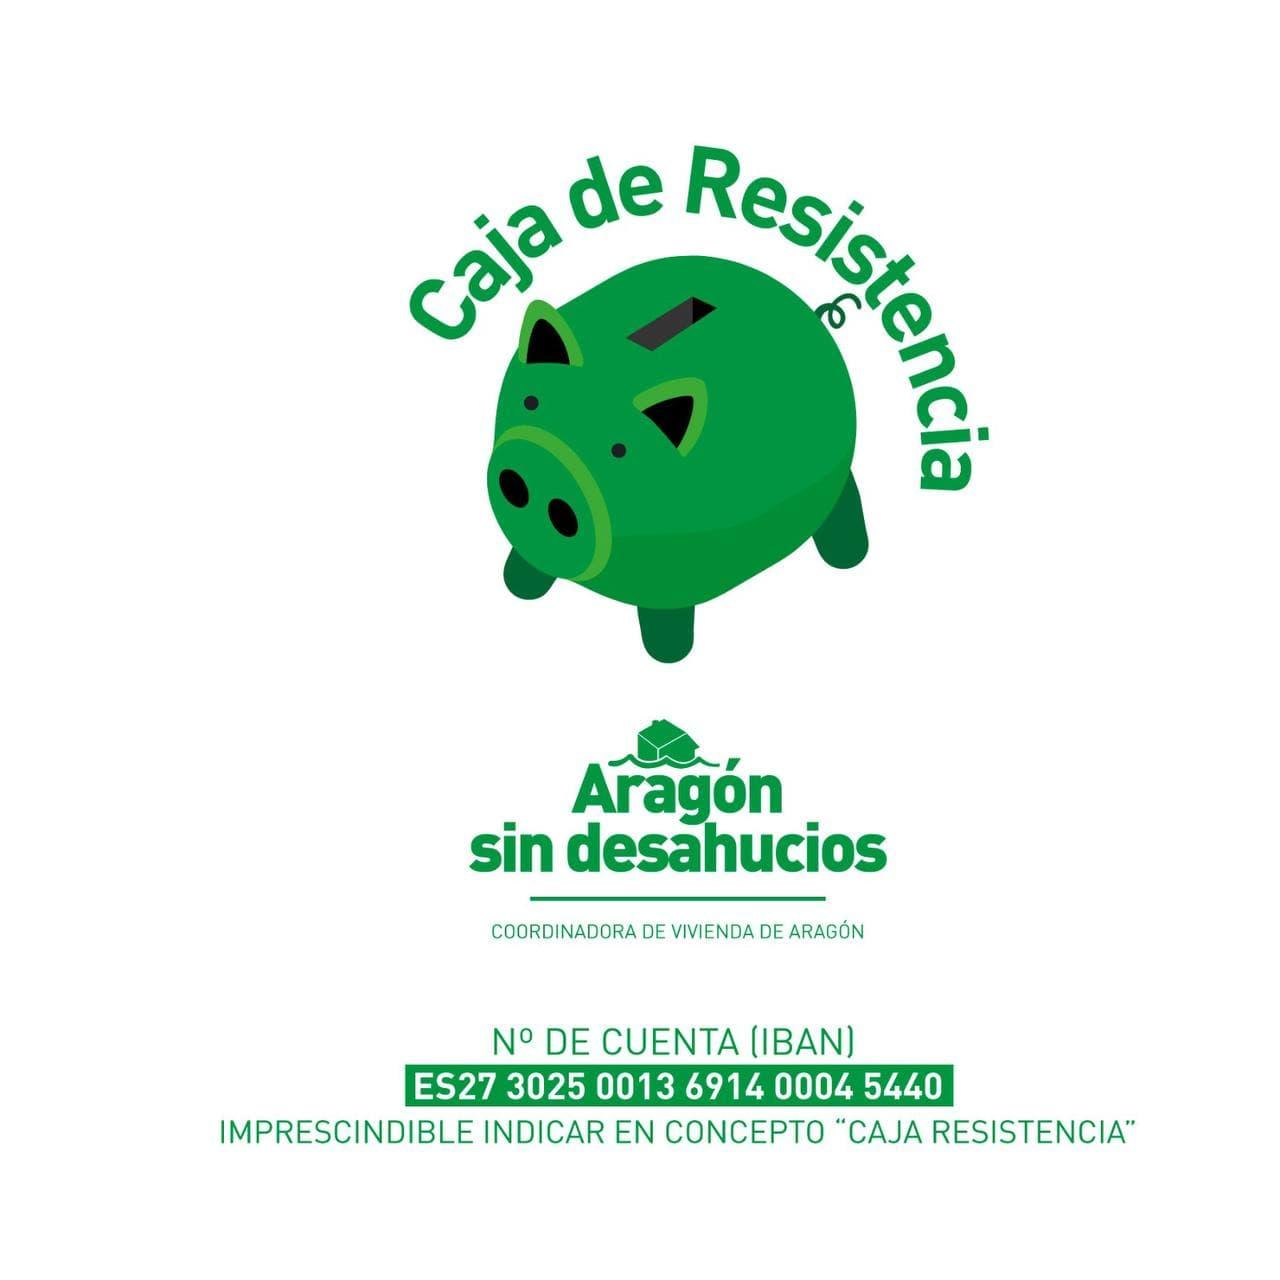 La Coordinadora de Vivienda de Aragón pone en marcha una Caja de Resistencia